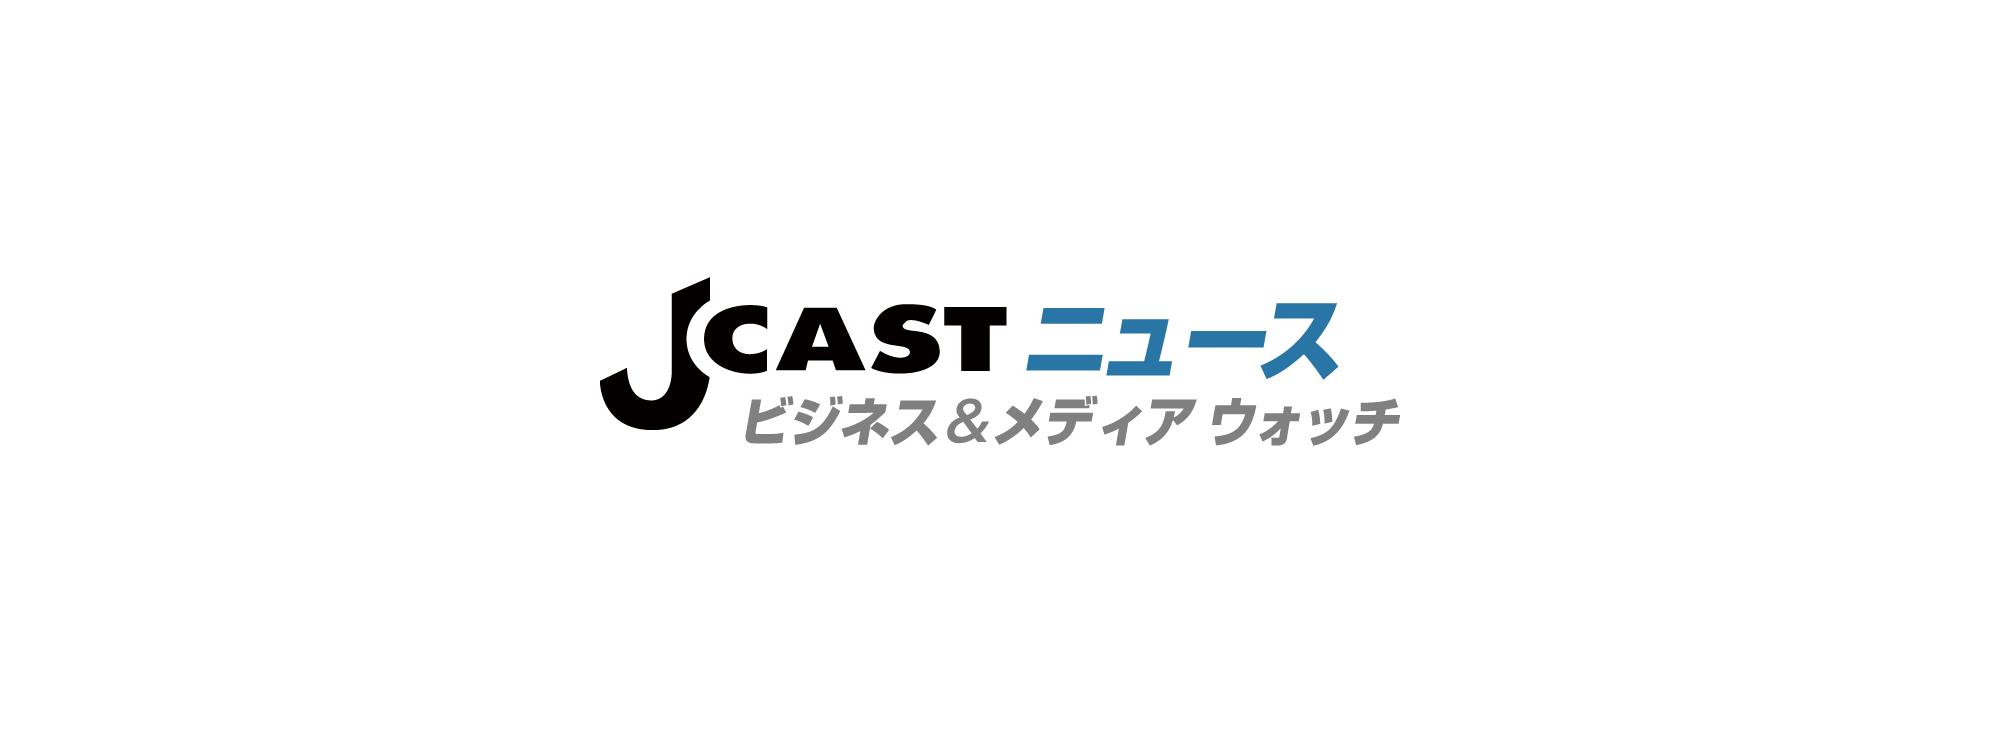 大須演芸場、高須クリニック院長が支援 賃料滞納分1100万円肩代わりへ : J-CASTニュース